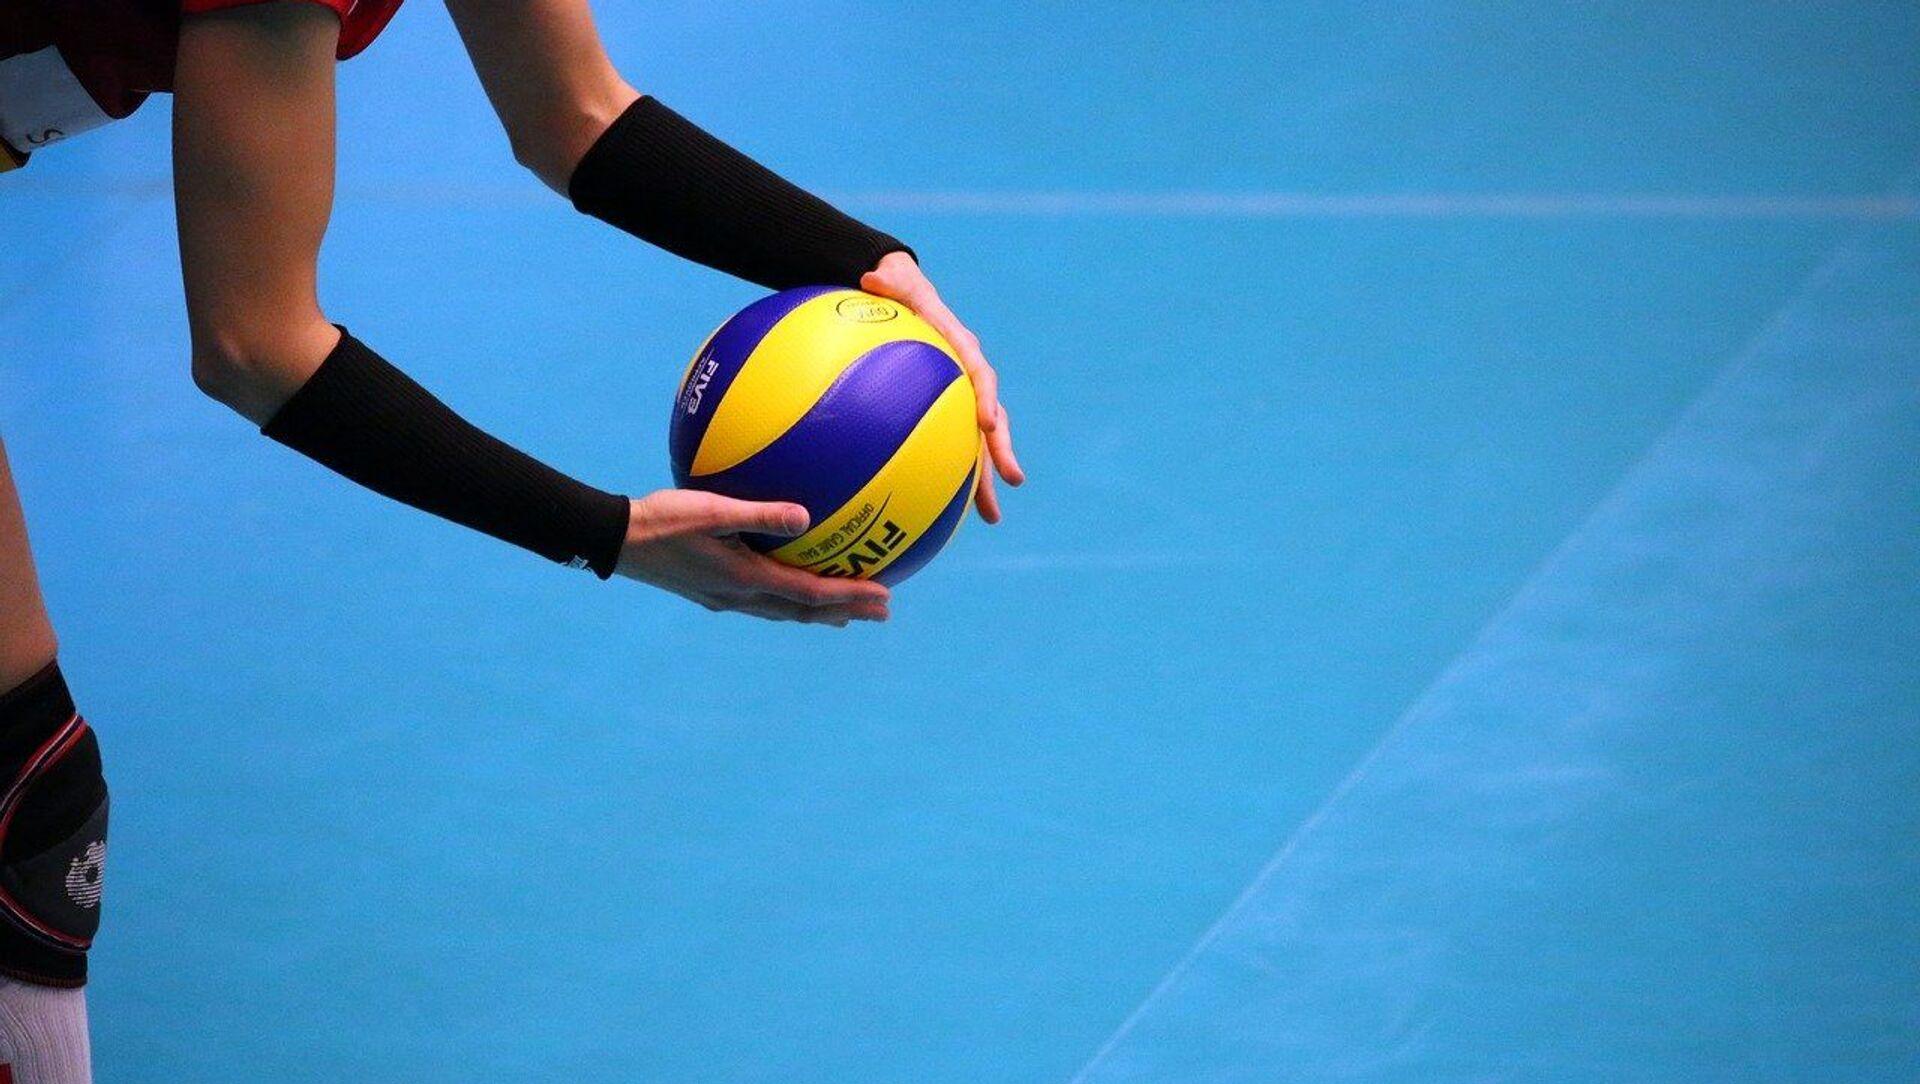 Volley-ball  - Sputnik France, 1920, 24.08.2021